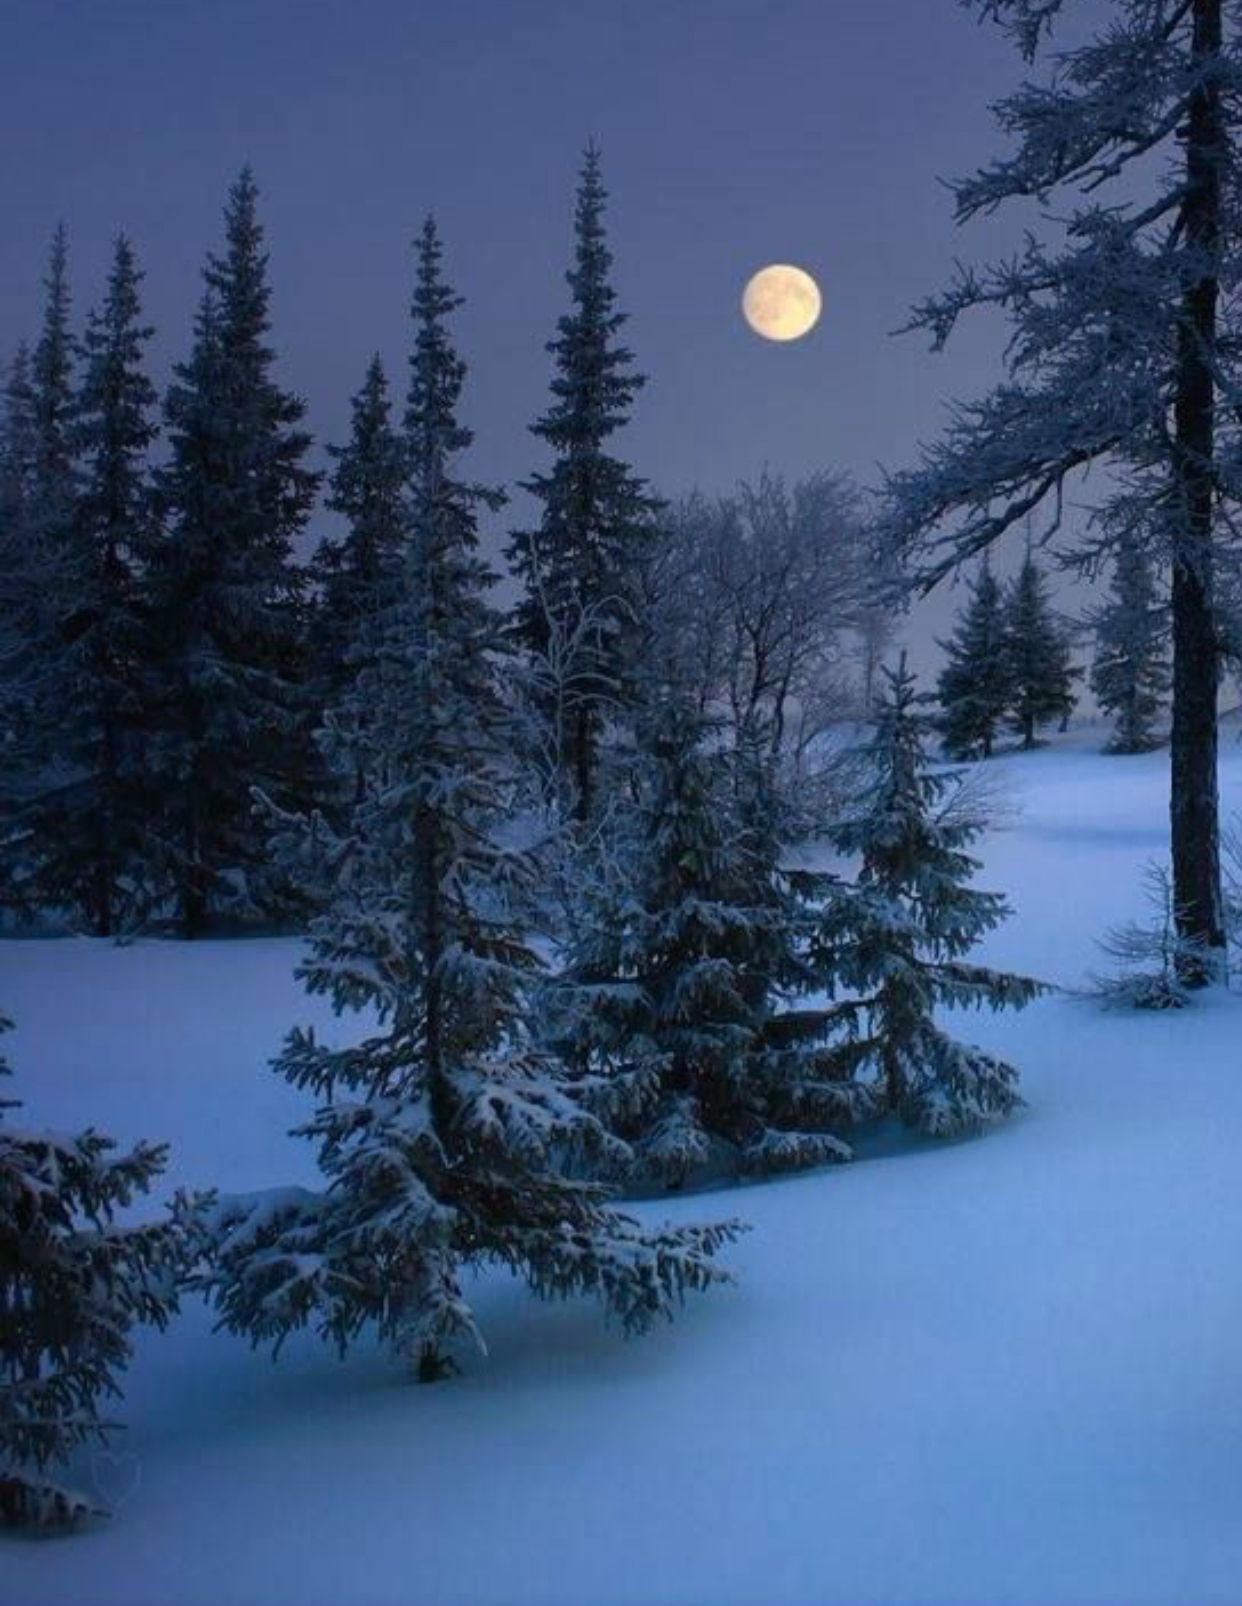 Pin De Lark Rowe En Winter Wonder Lands Fotografia De Invierno Escenas De Invierno Paisaje Nieve